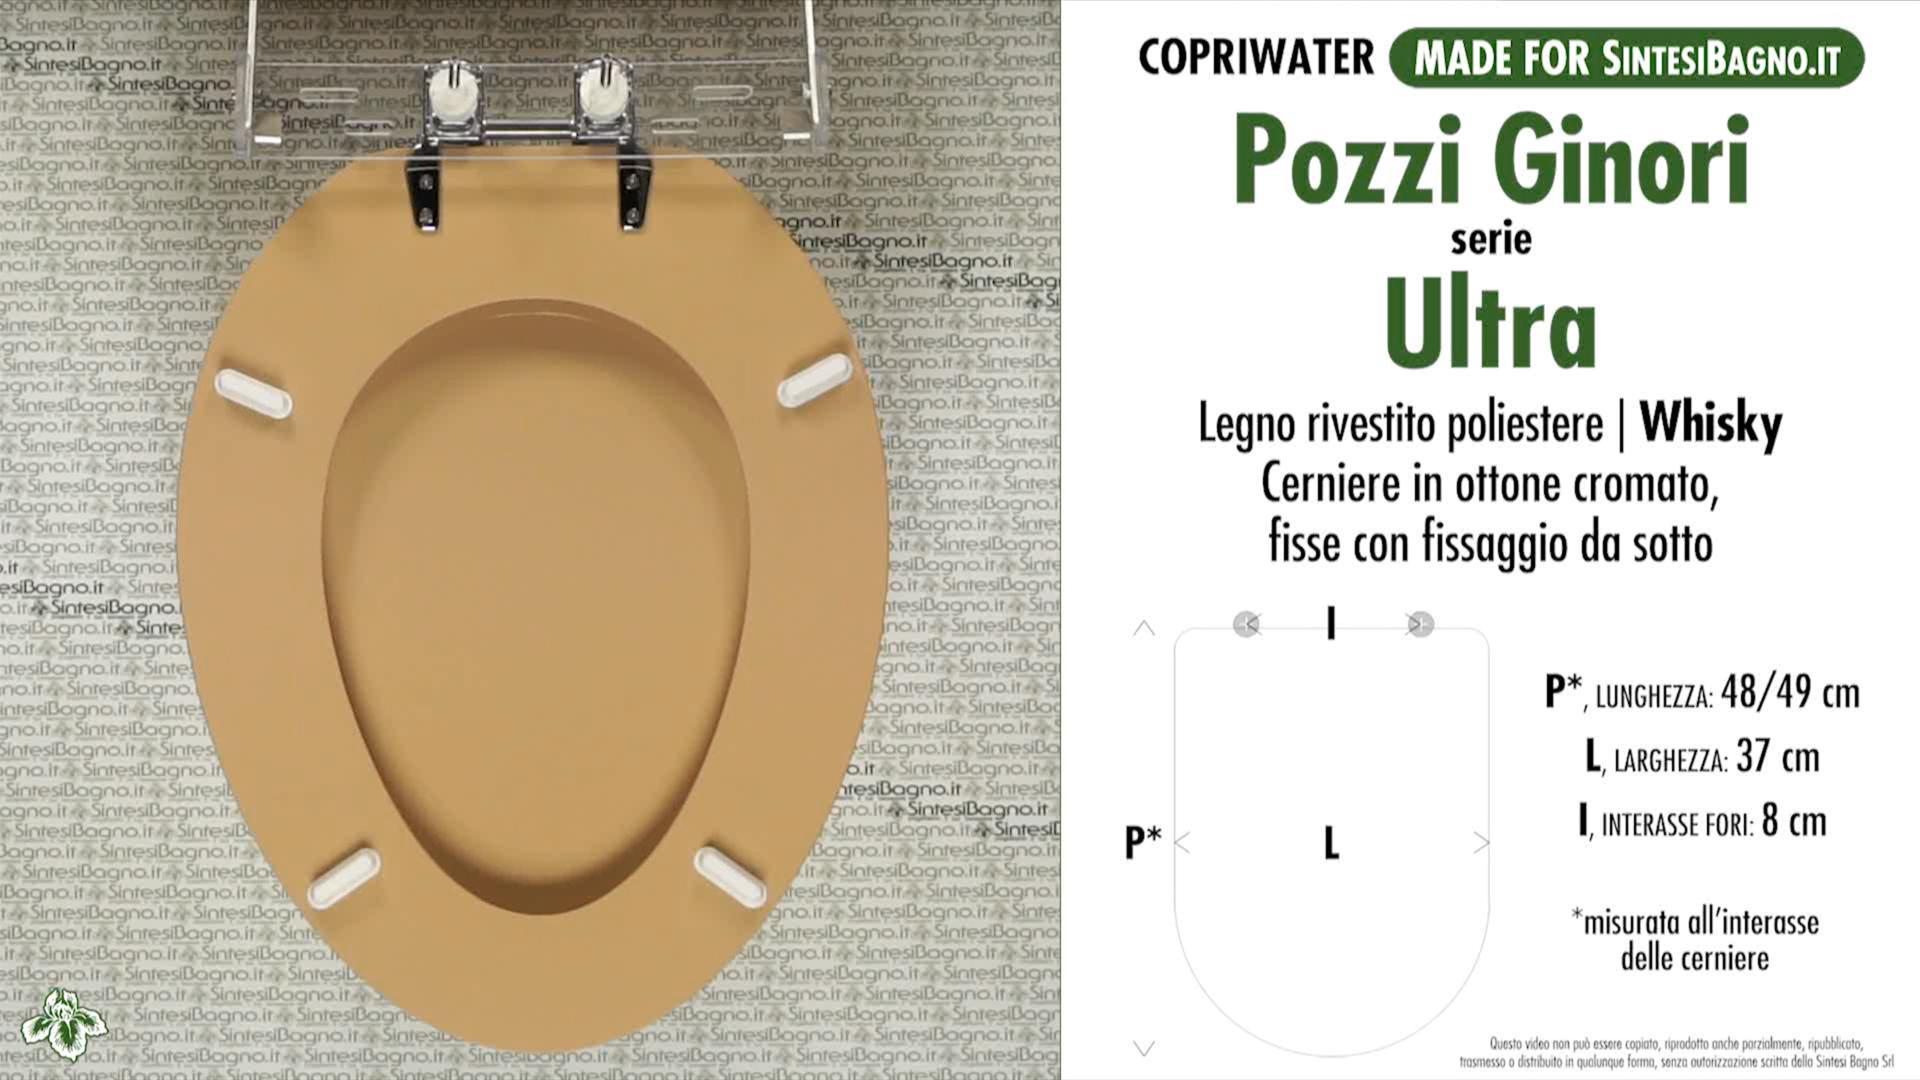 SCHEDA TECNICA MISURE copriwater POZZI GINORI ULTRA